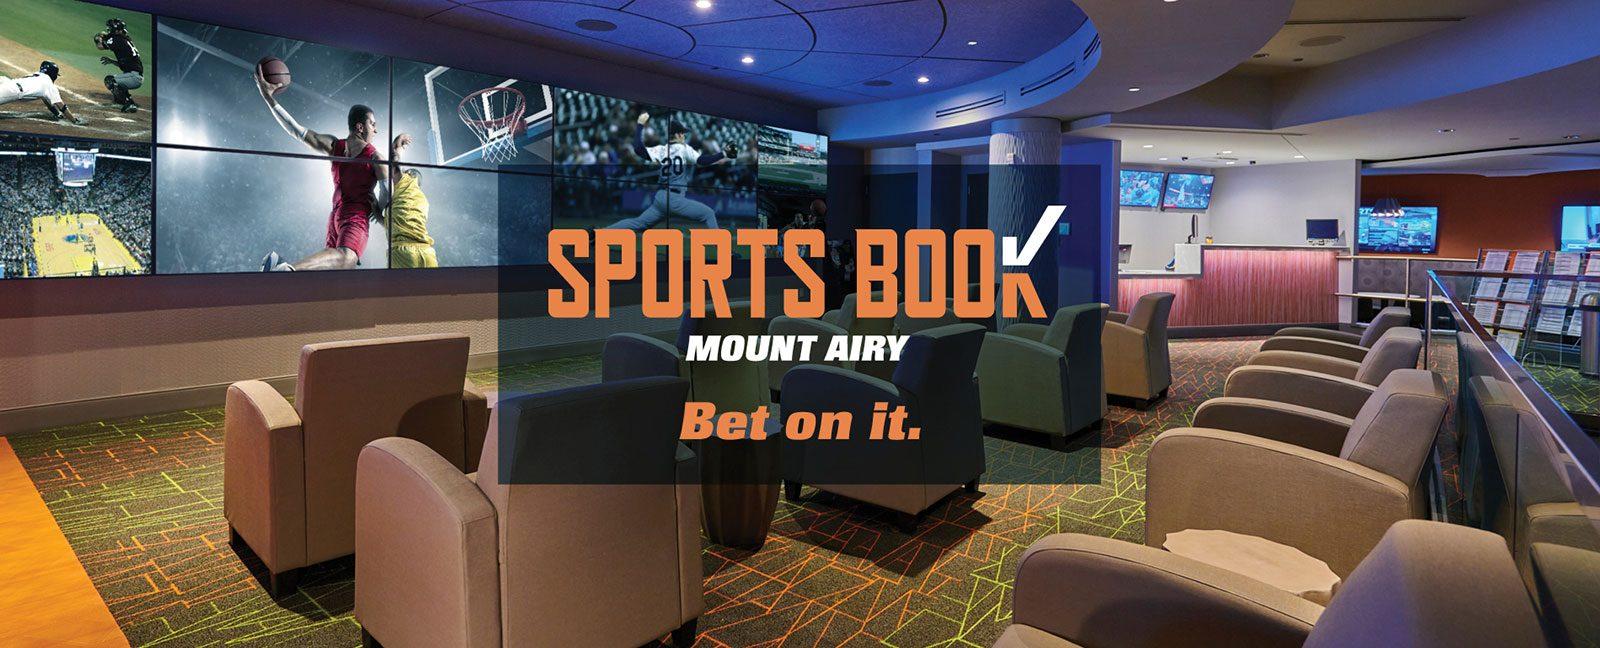 sportsbook - bet on it lounge